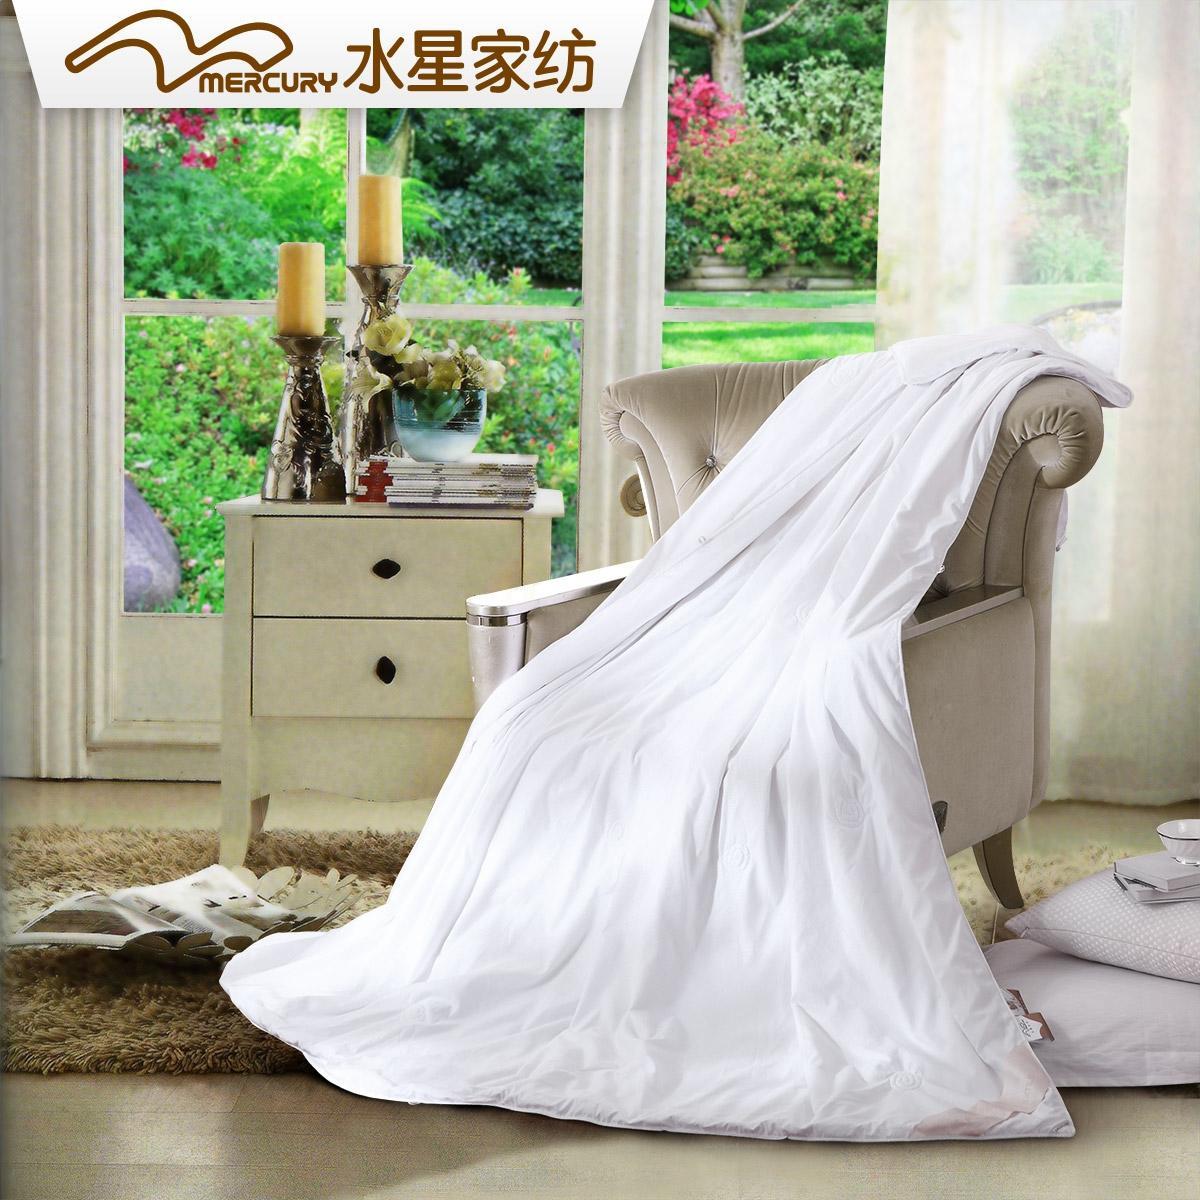 水星家纺100%桑蚕丝夏被芯空调薄被子桑蚕丝薄被子单双人床上用品